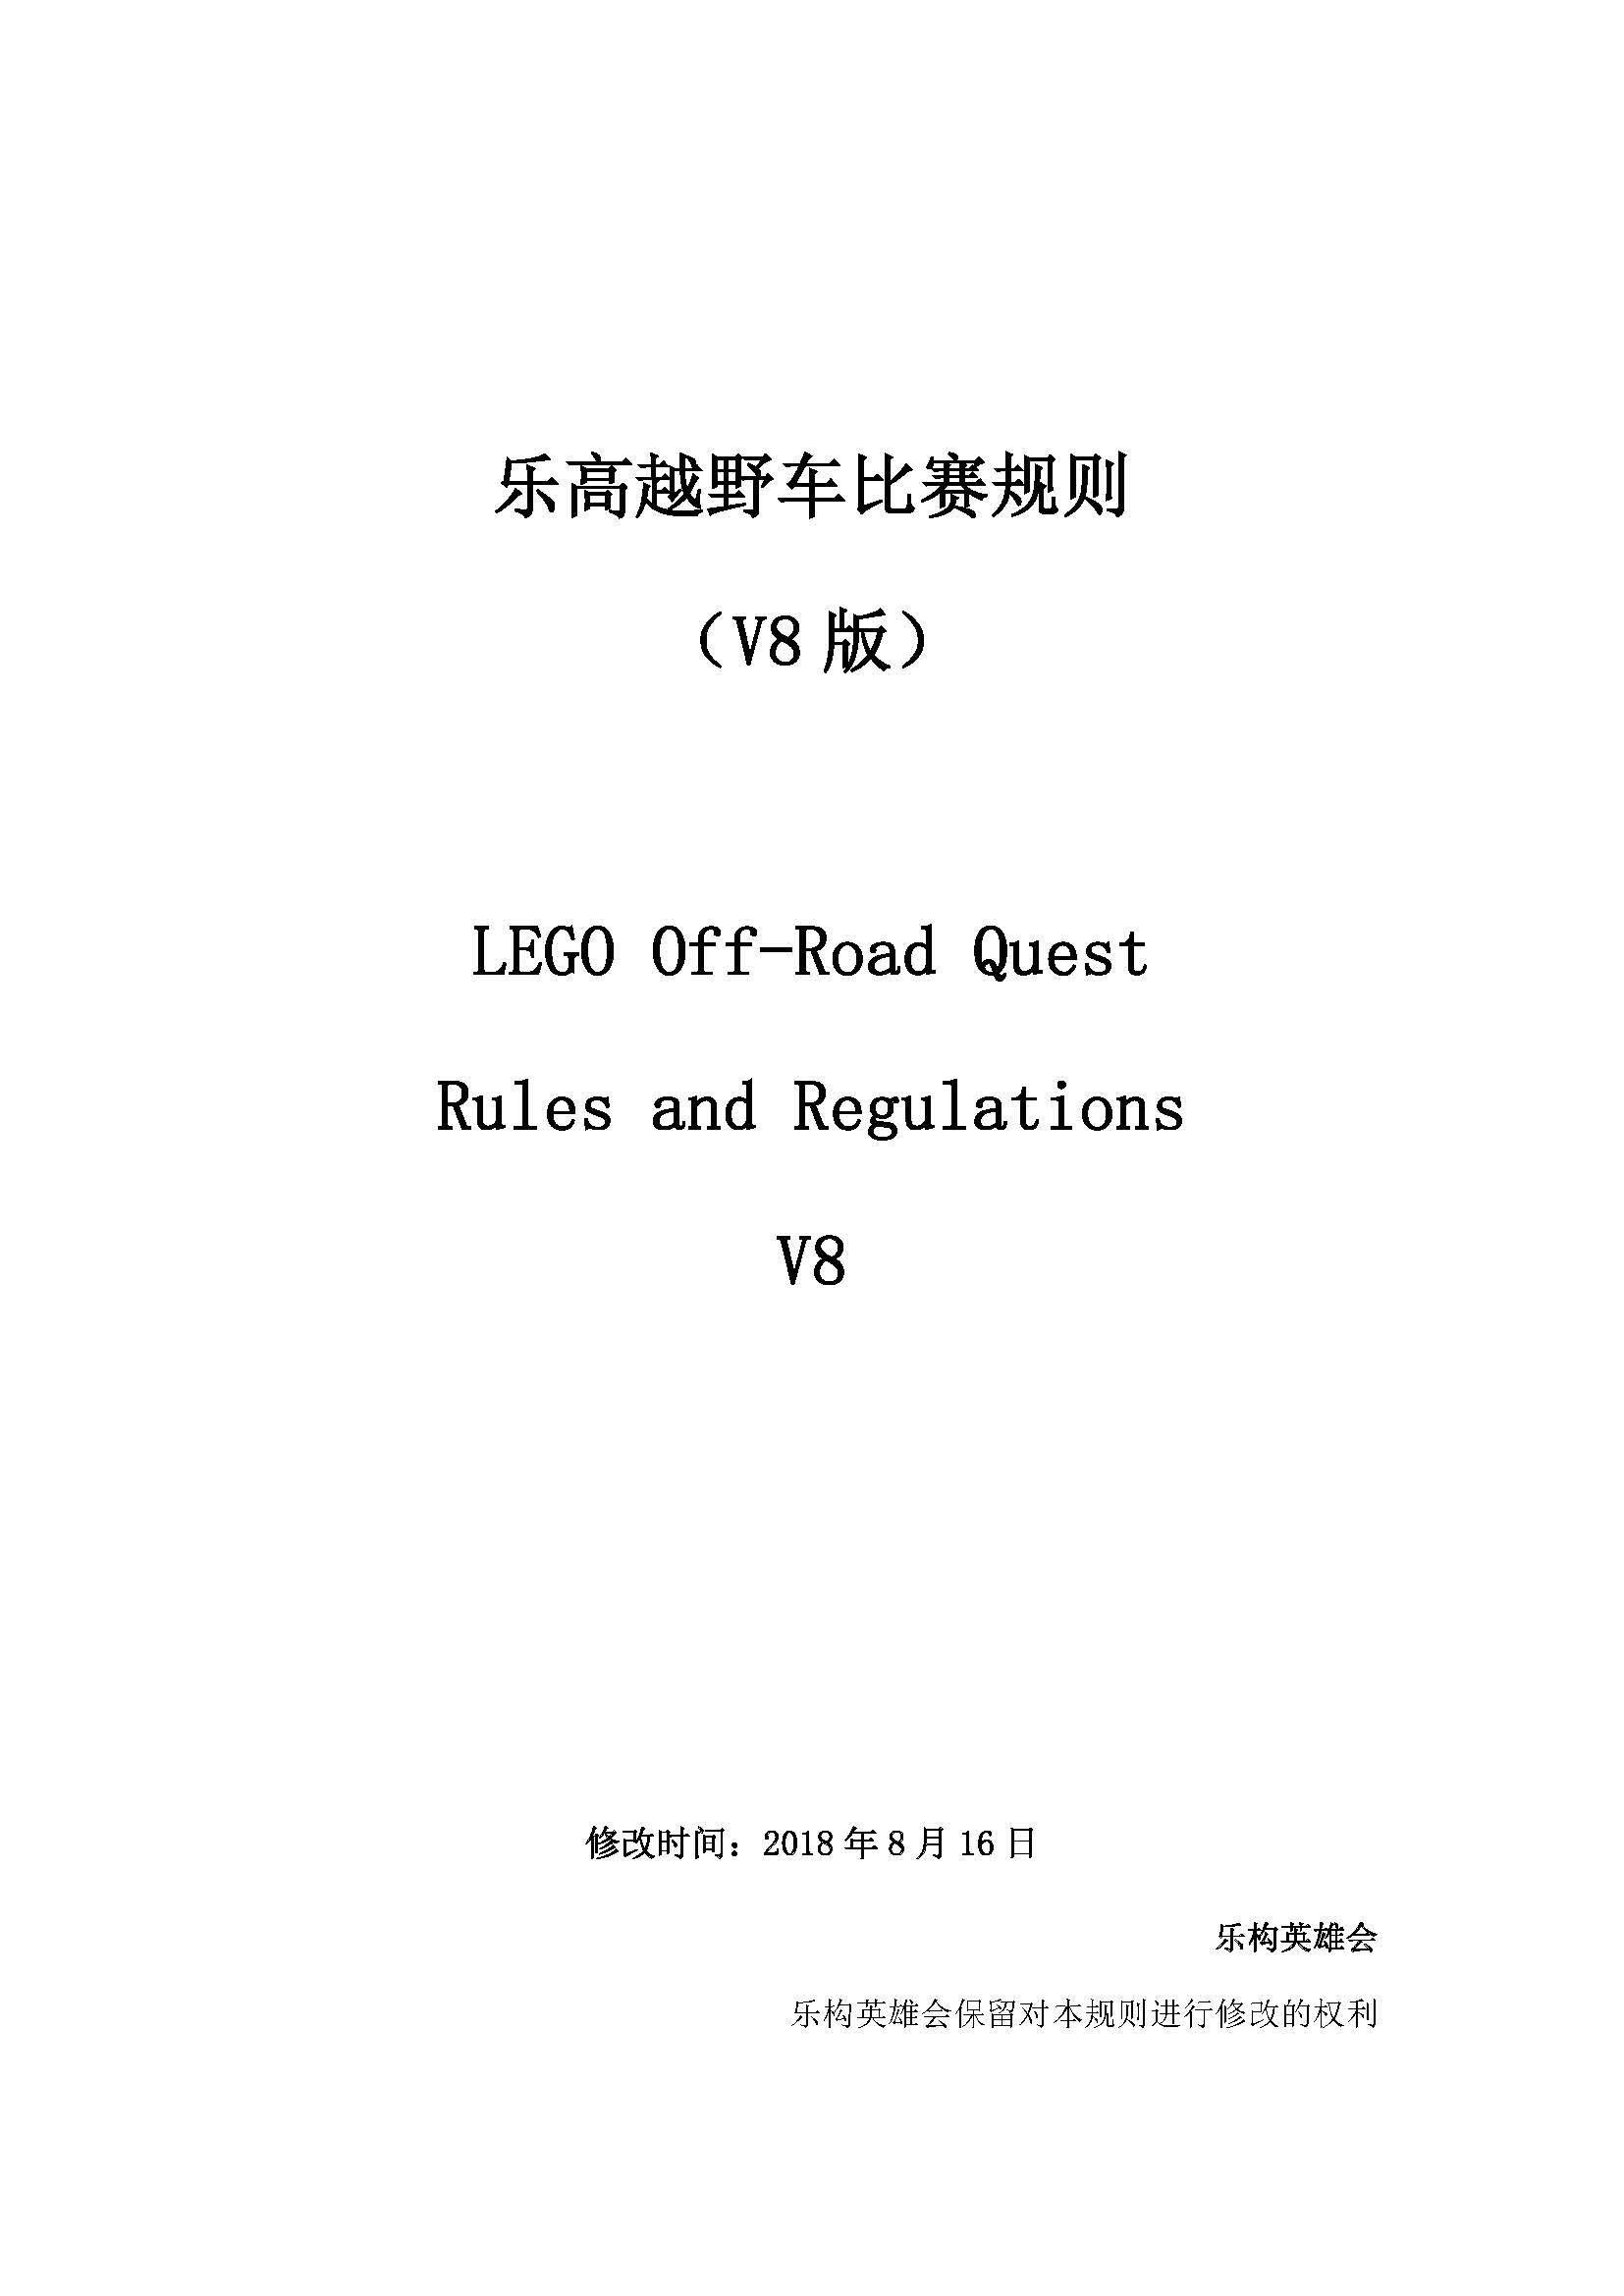 乐高越野车比赛规则_V8_页面_01